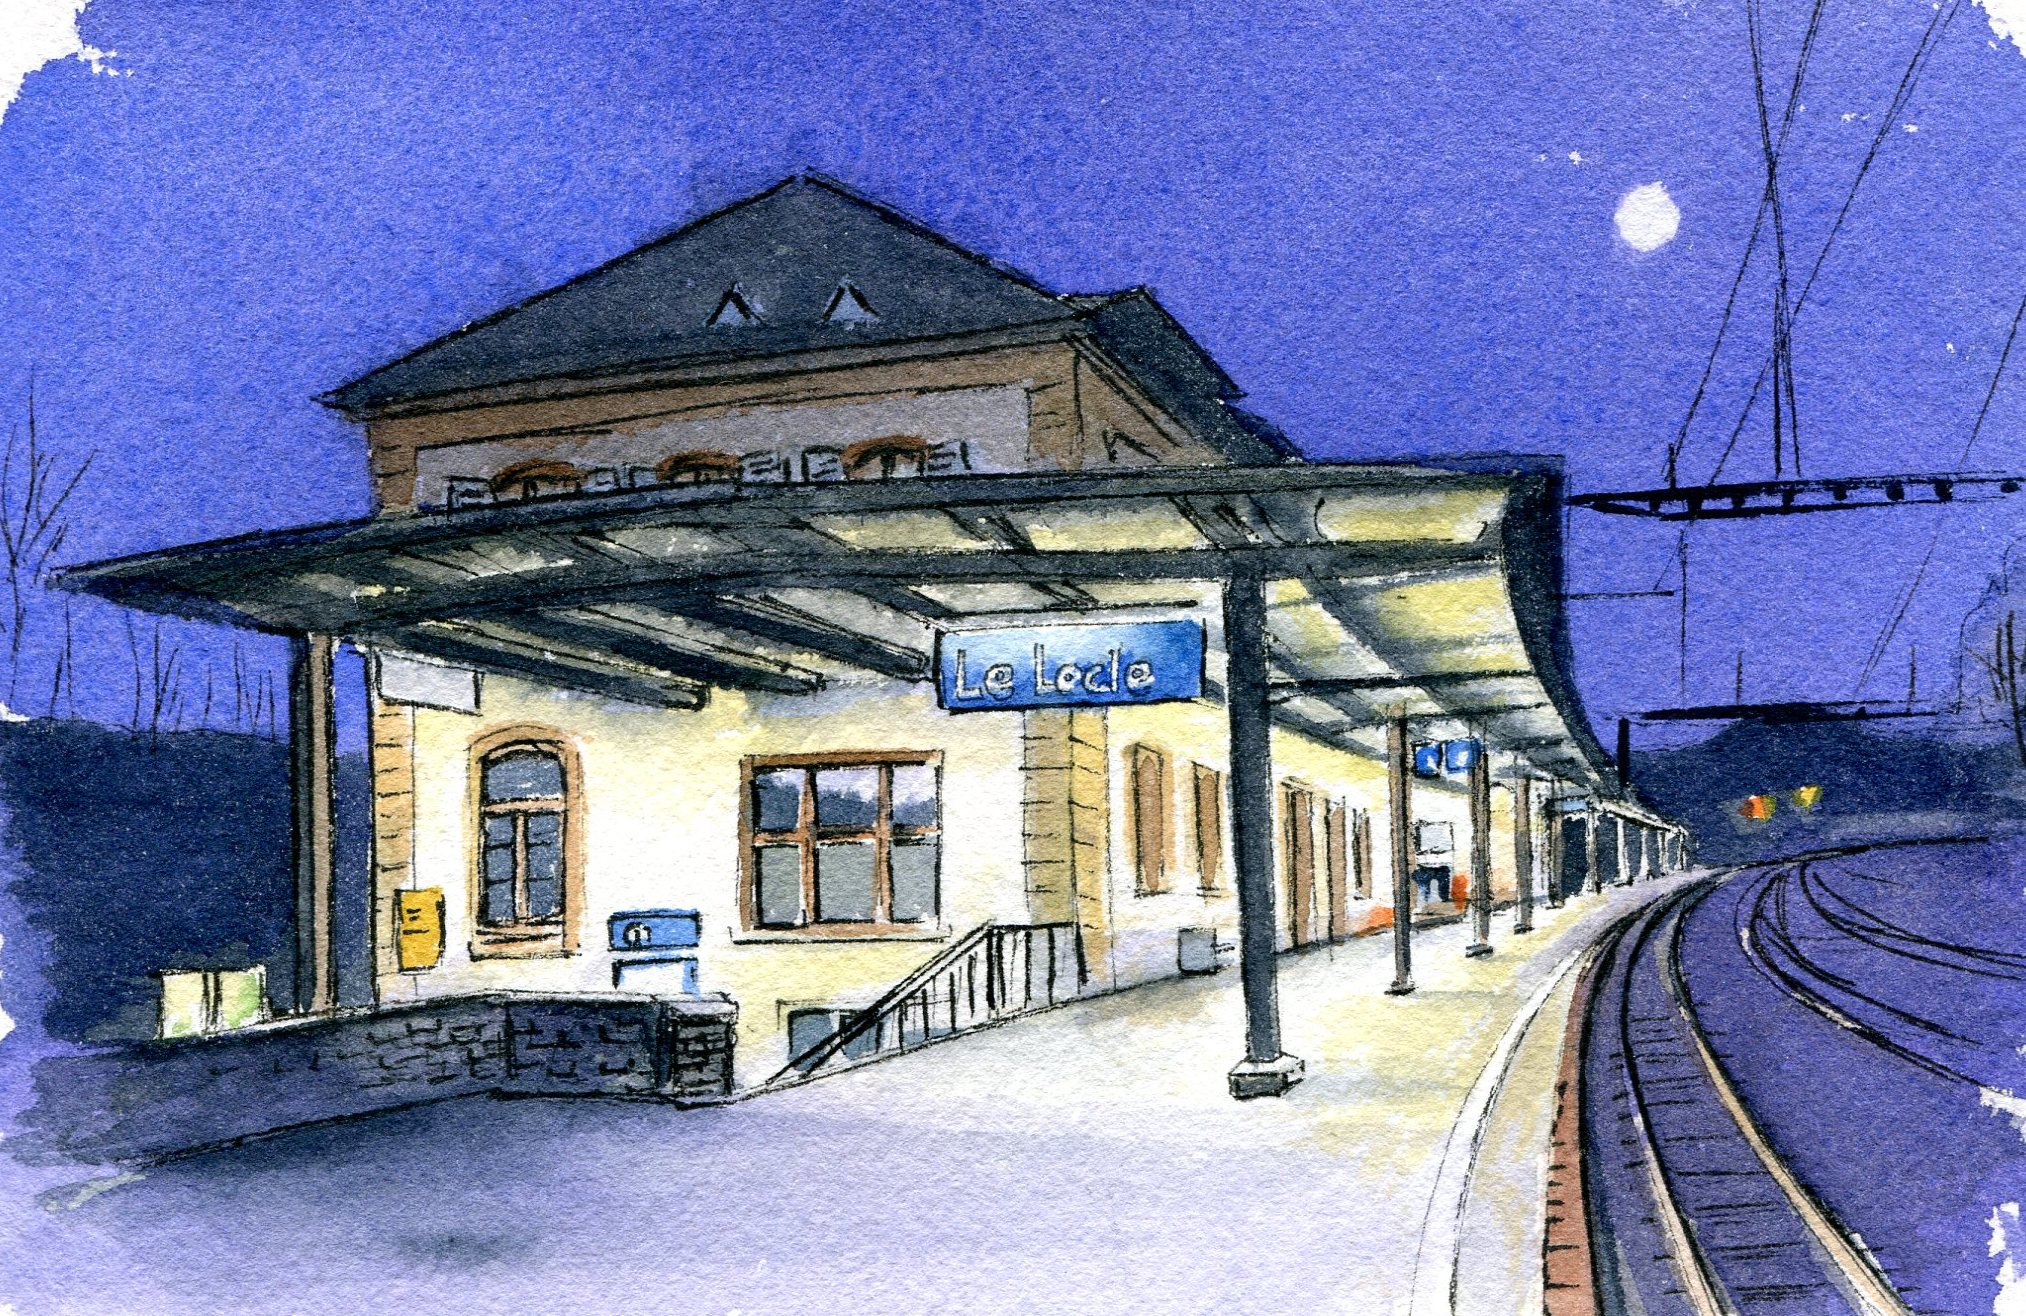 Gare du Locle